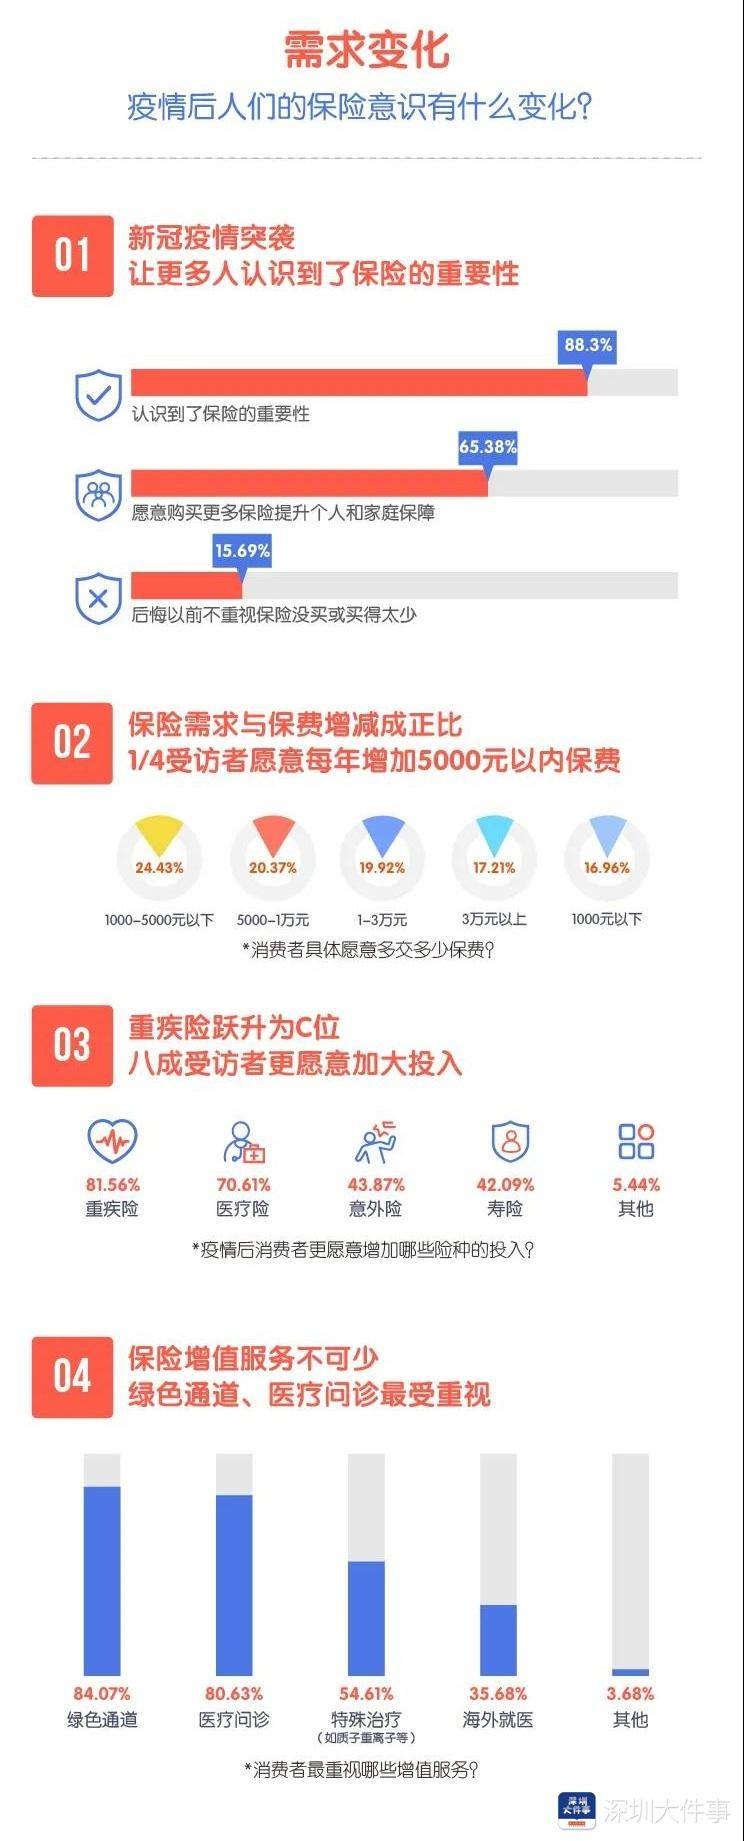 深圳市民疫情后保险需求显著提升,8成受访者愿意增加重疾险配置